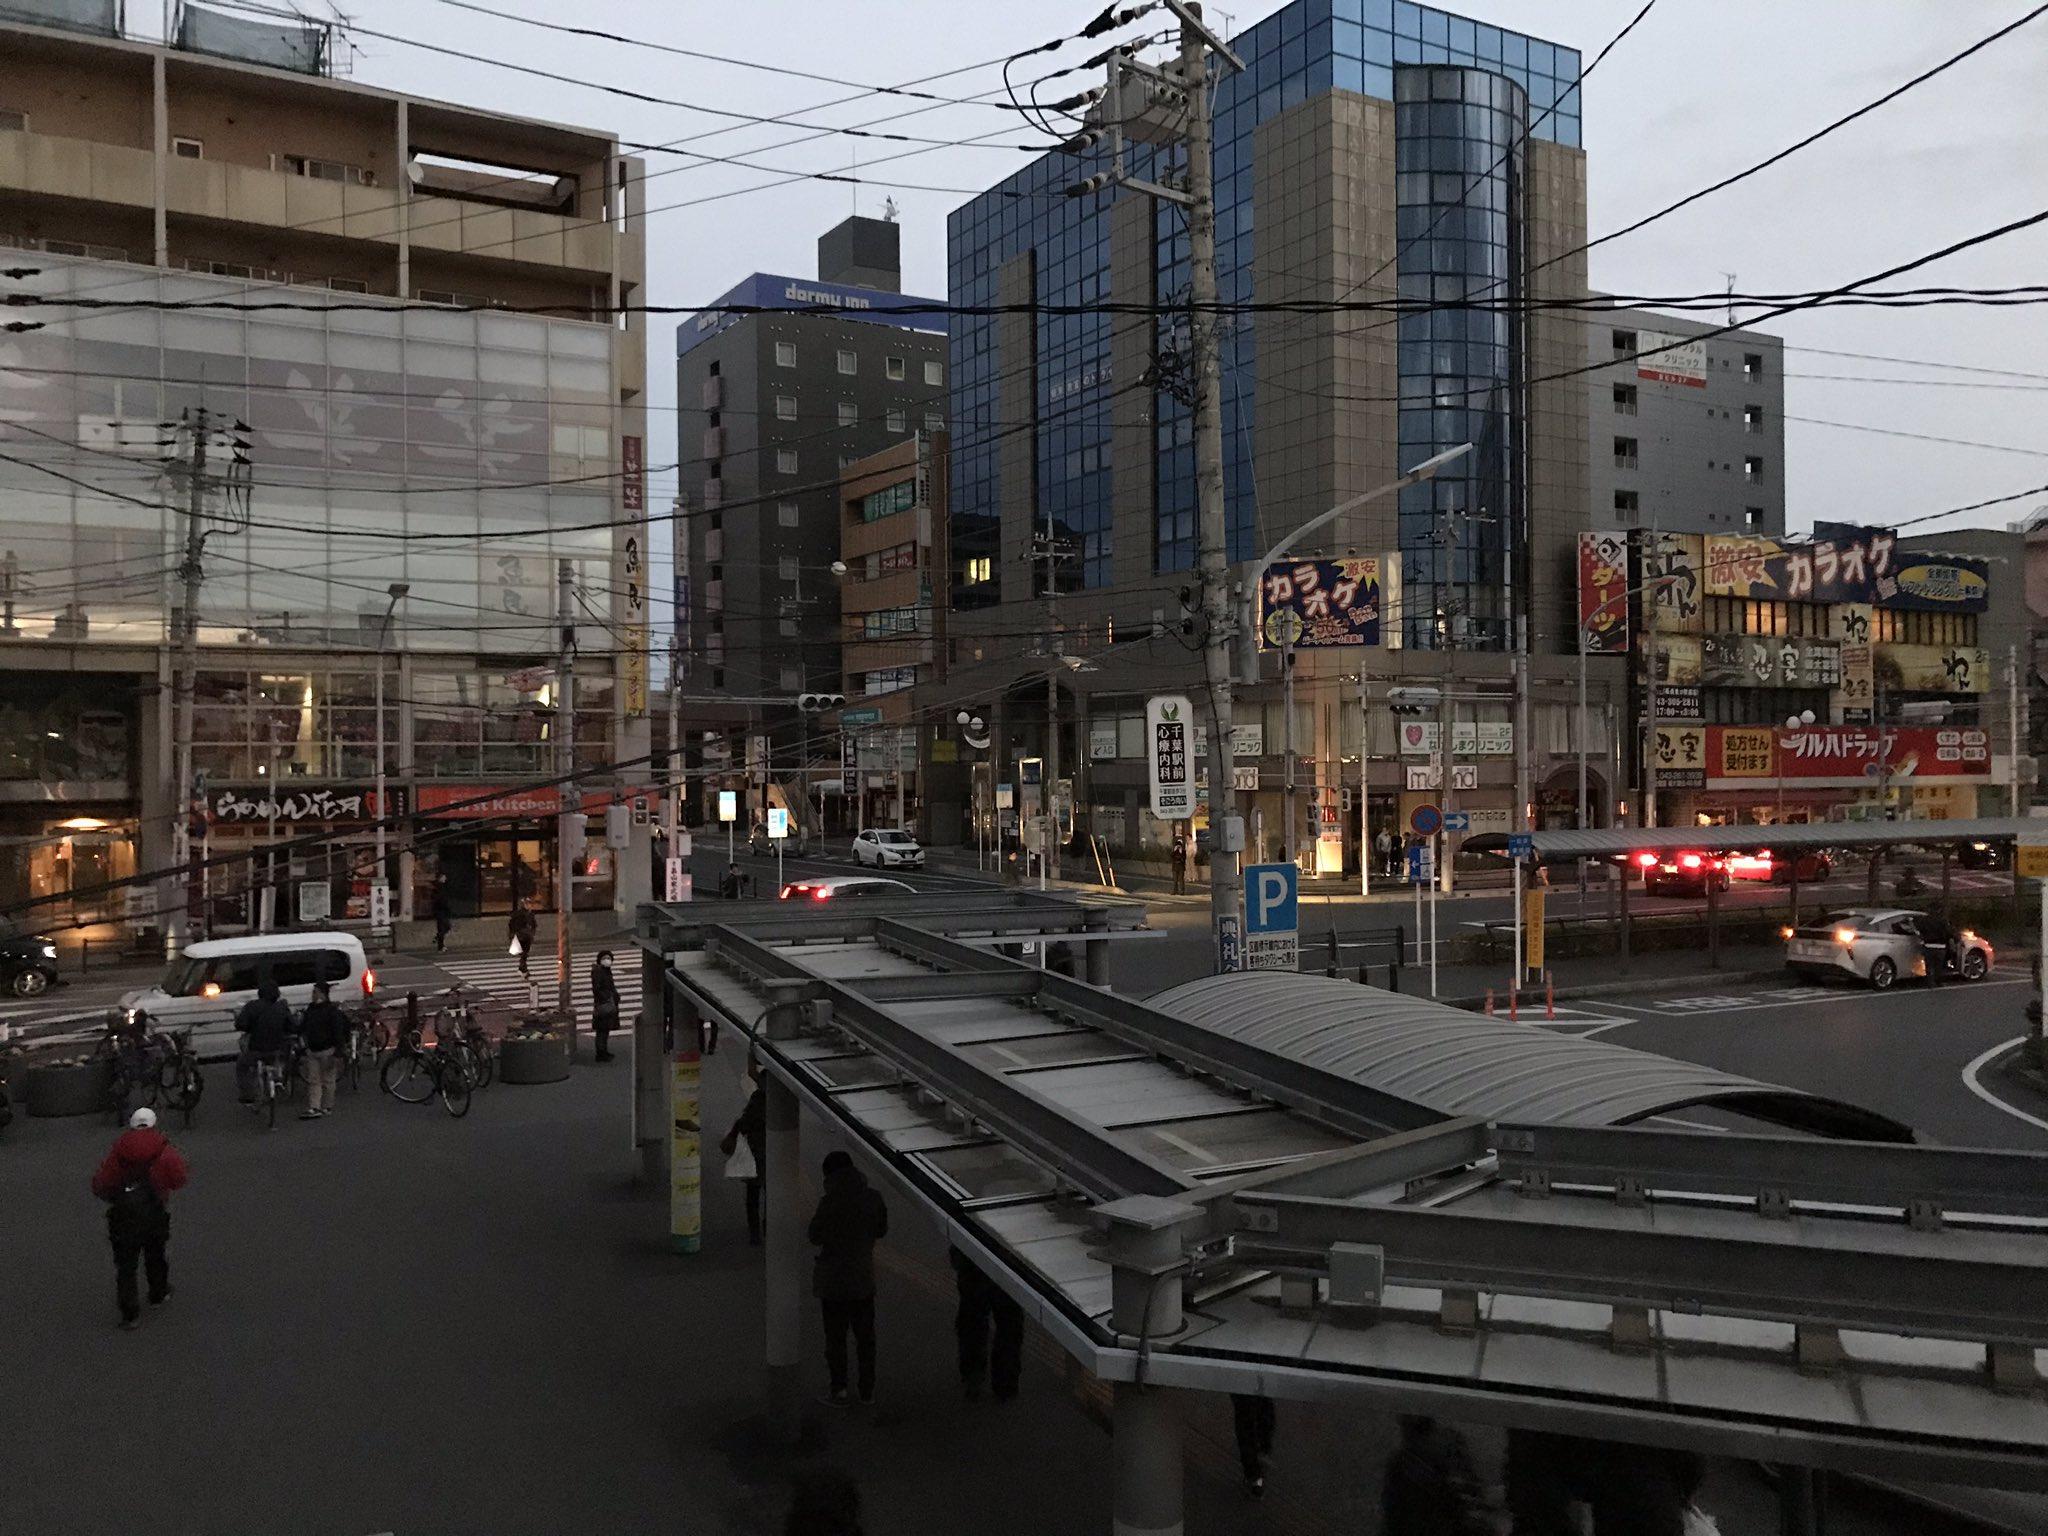 画像,蘇我駅周辺 停電してるんですが、なんかあるんすか? https://t.co/T2LUmJ5Spp。